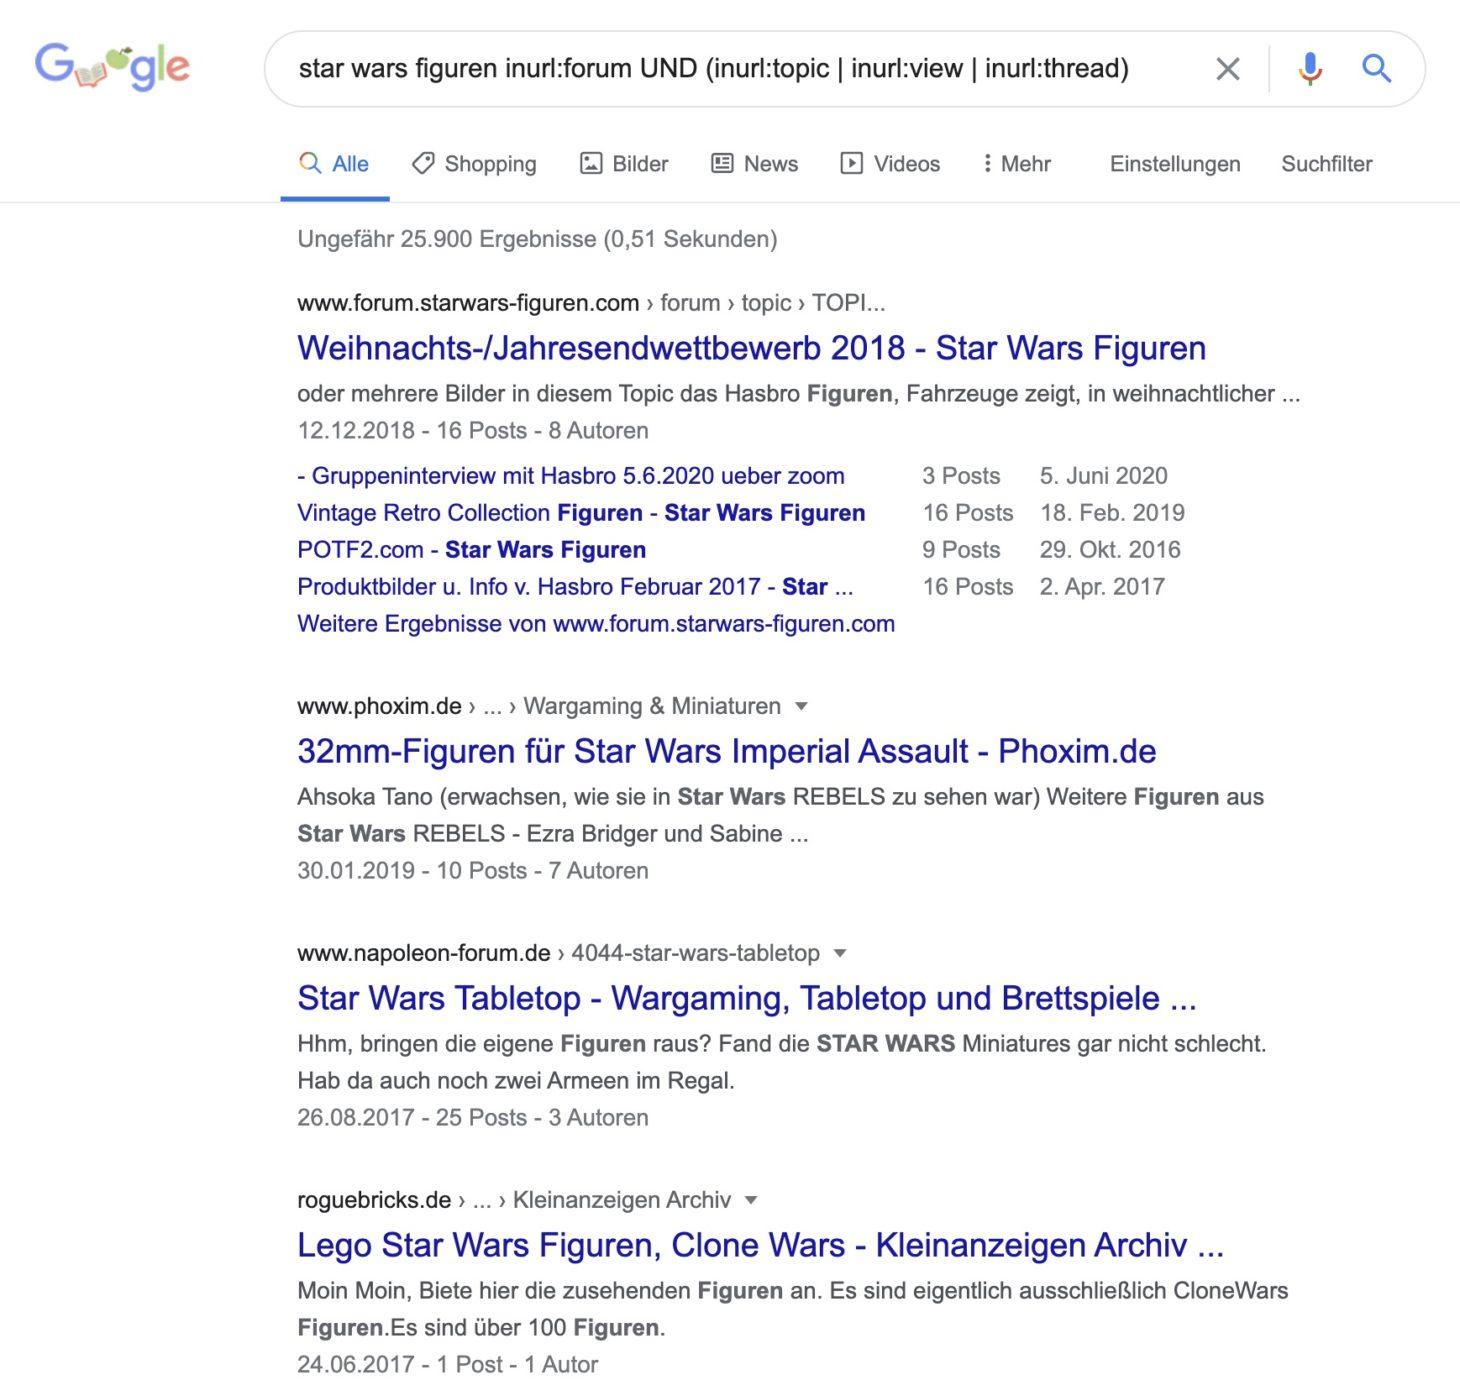 Erweiterter Suchbefehl, um Forendiskussionen zu finden